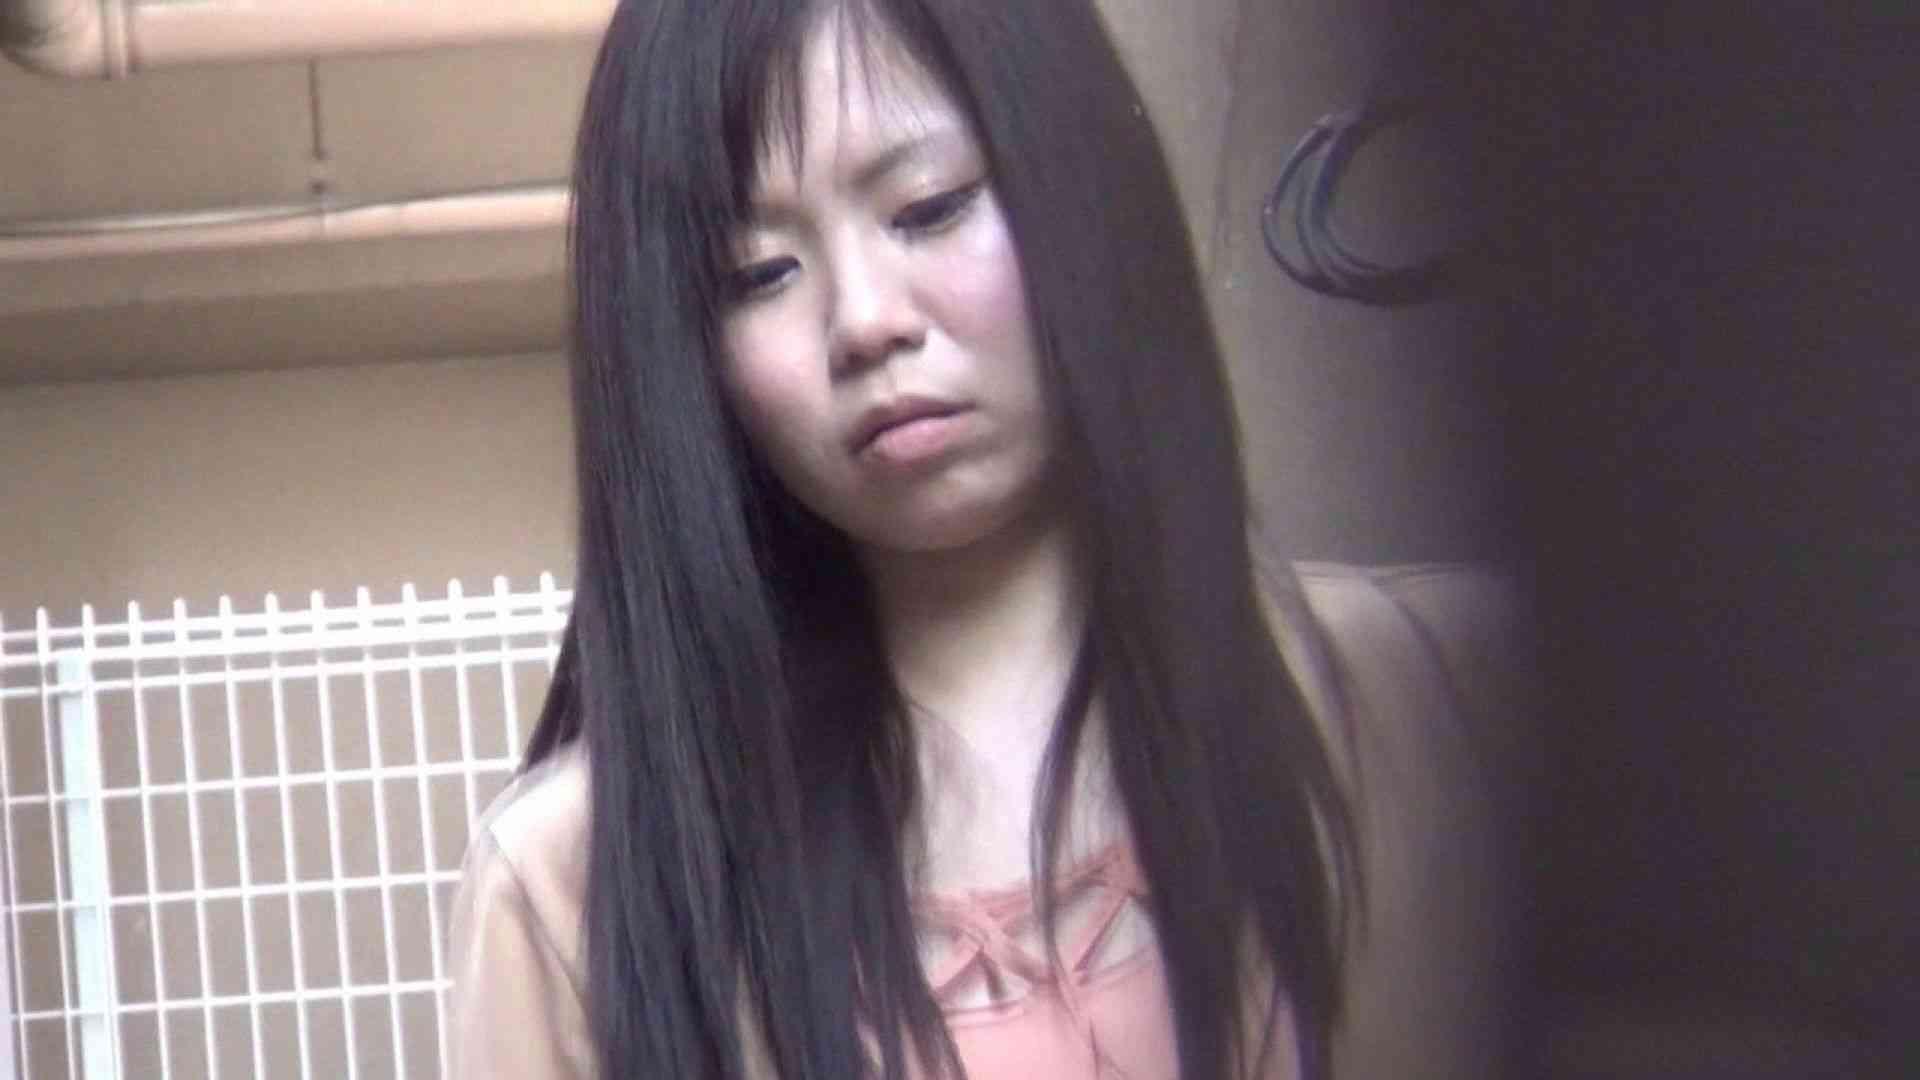 屋外トイレっと!Vol.02 お姉さんの女体   独身エッチOL  30pic 28